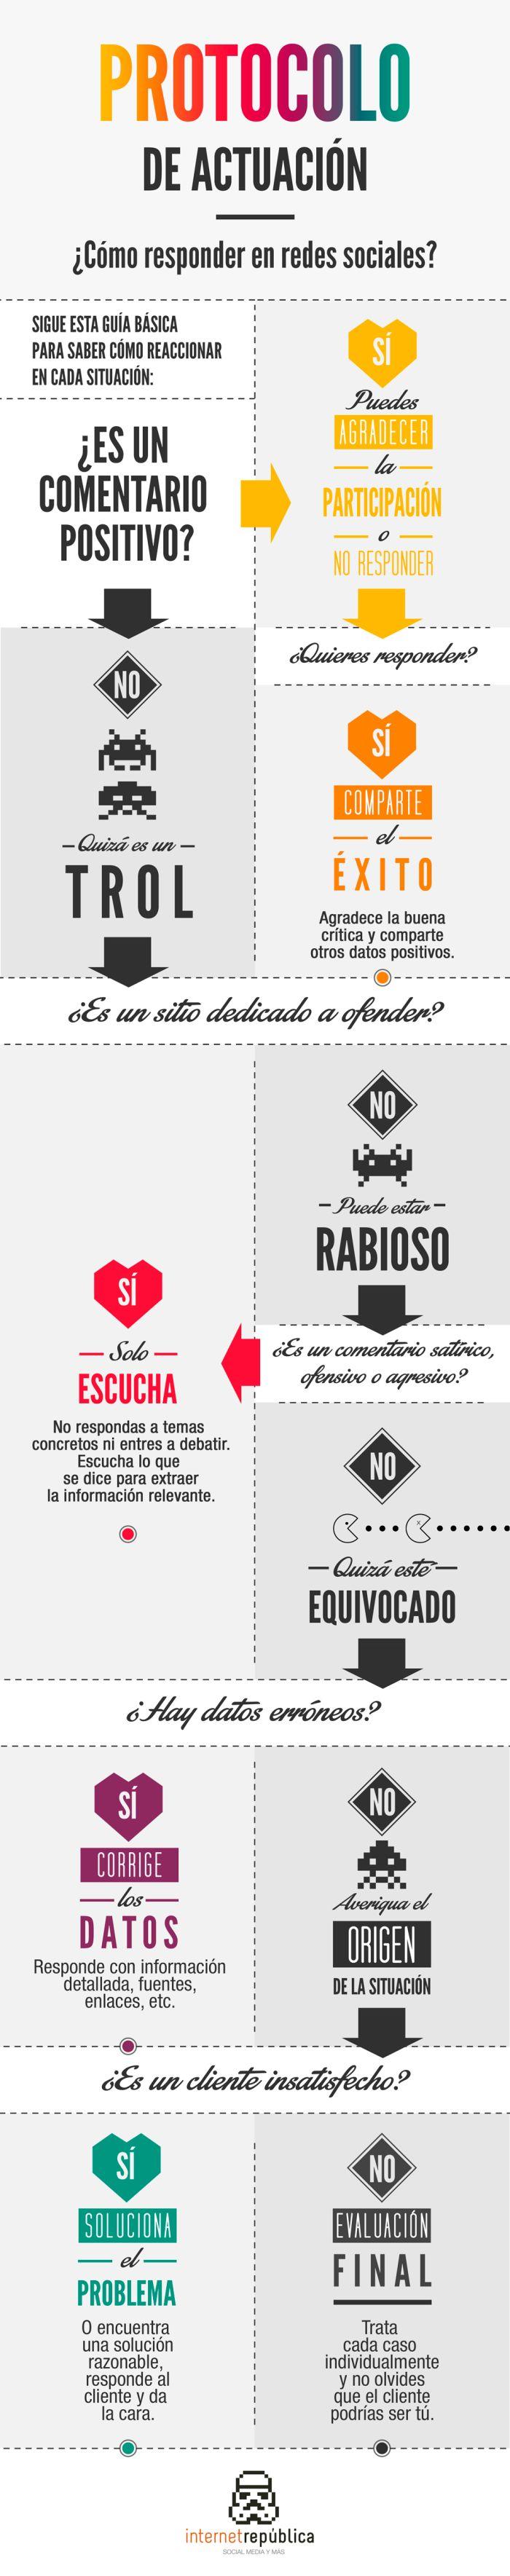 Protocolo de actuación del Community Manager. Infografía en español #CM #CommunityManagment